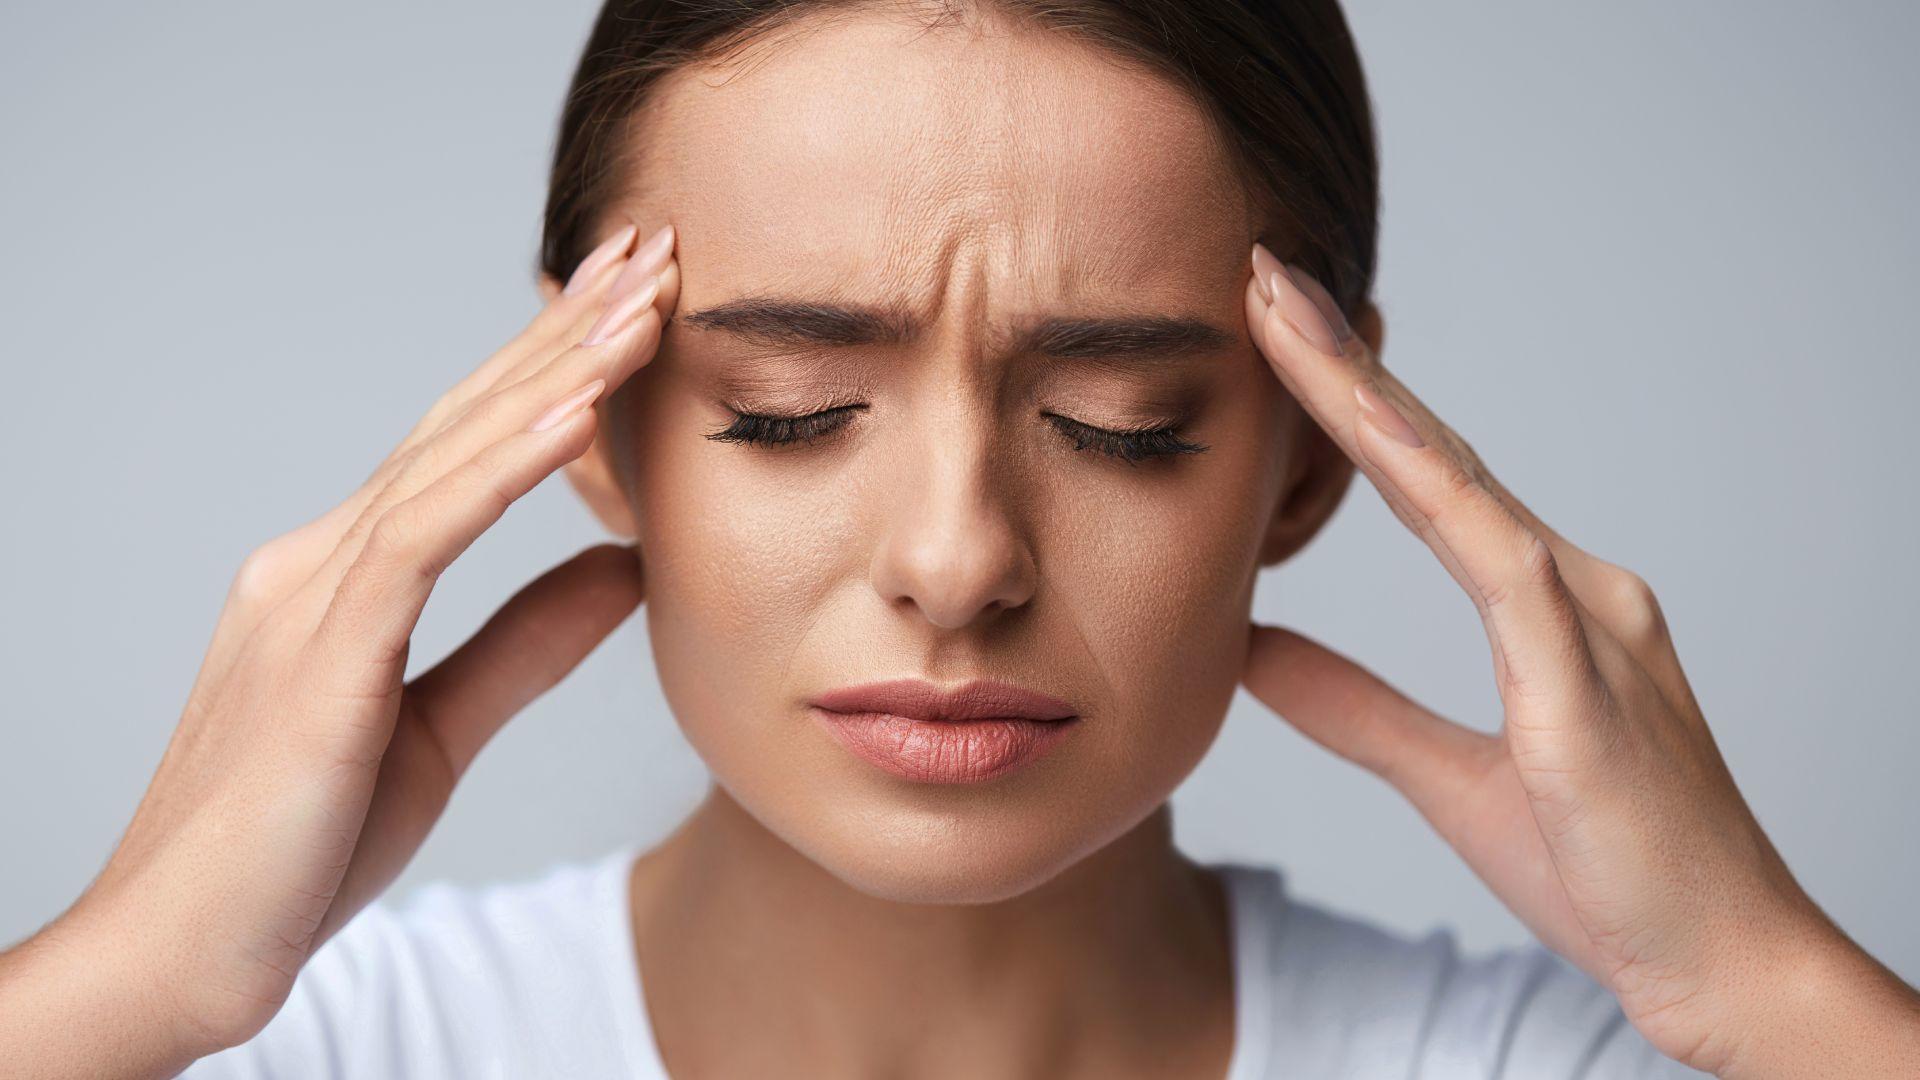 Klasterowe bóle głowy